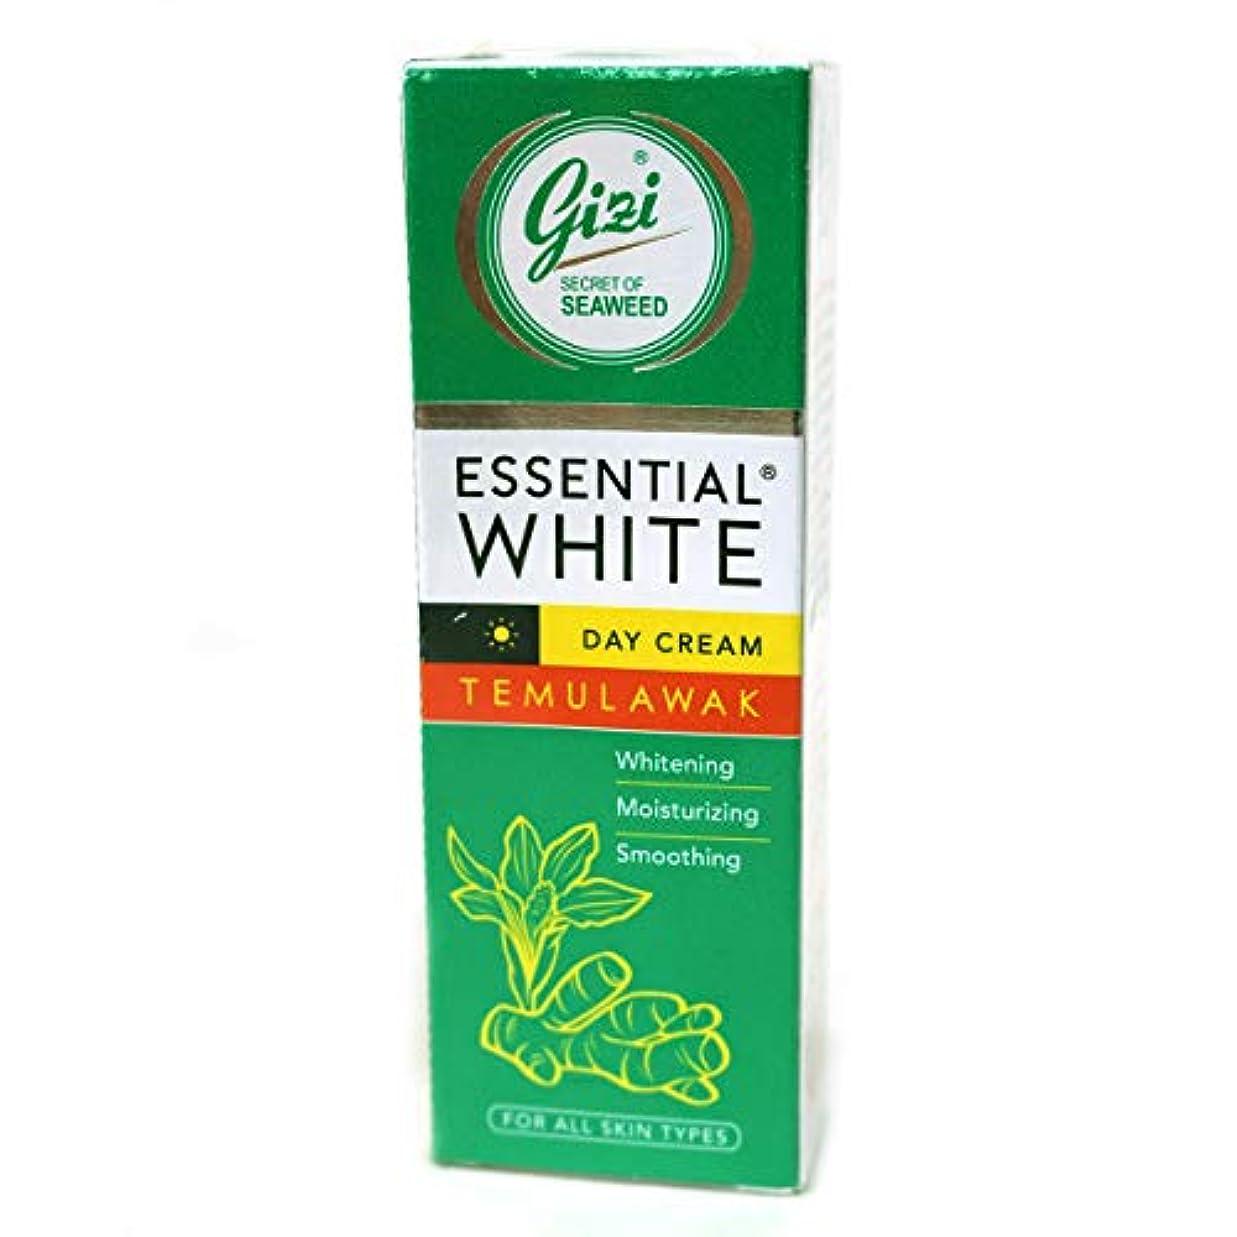 けがをするゆりゆりギジ gizi Essential White 日中用スキンケアクリーム チューブタイプ 18g テムラワク ウコン など天然成分配合 [海外直送品]